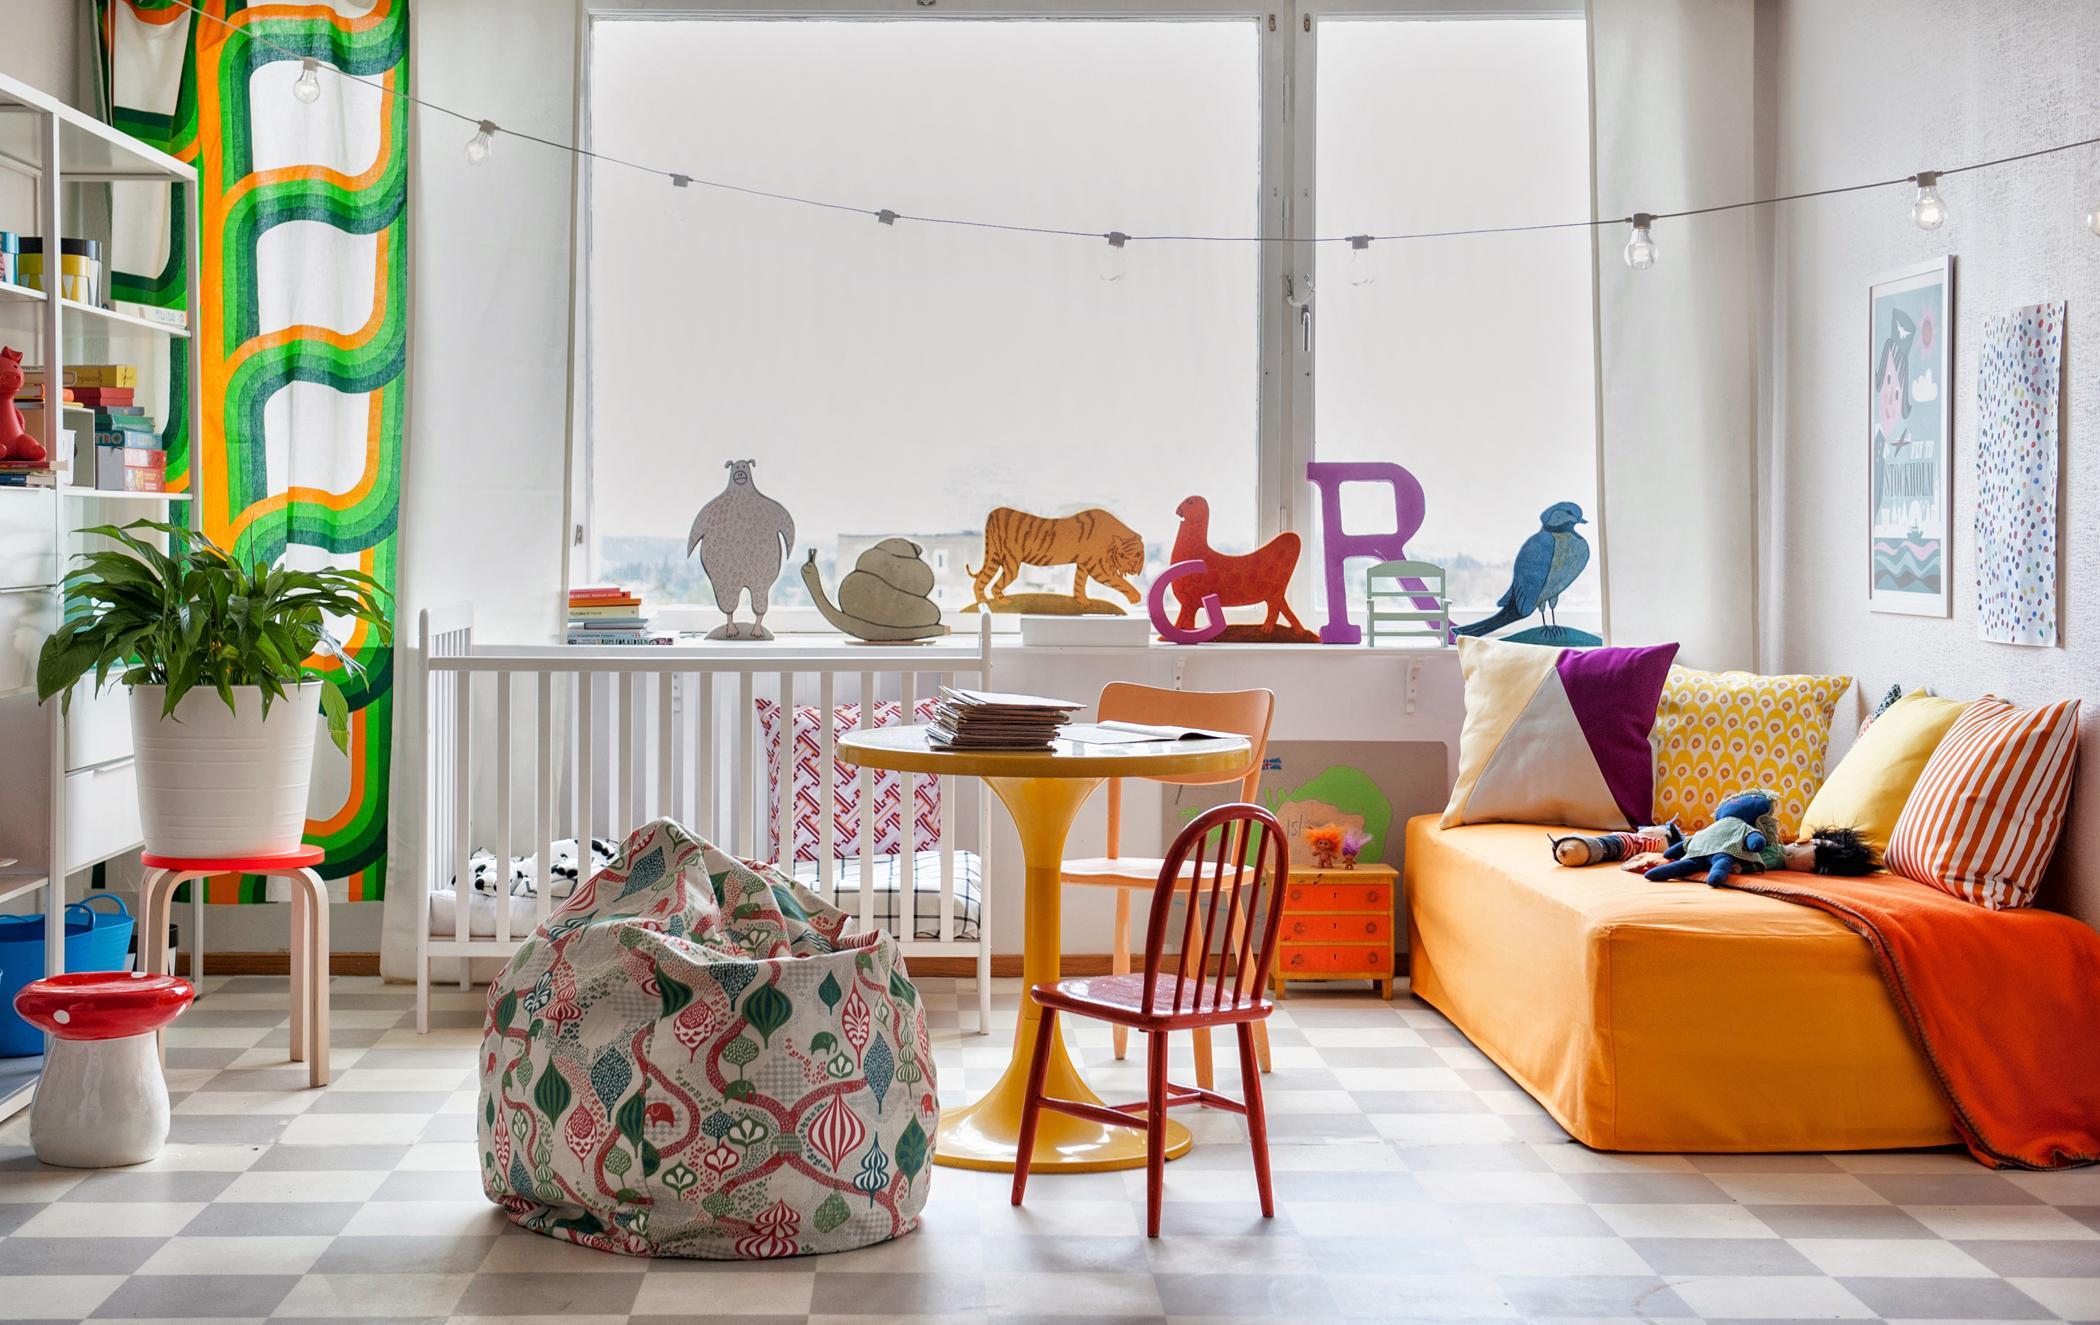 Deko Fürs Kinderzimmer • Bilder & Ideen • Couchstyle